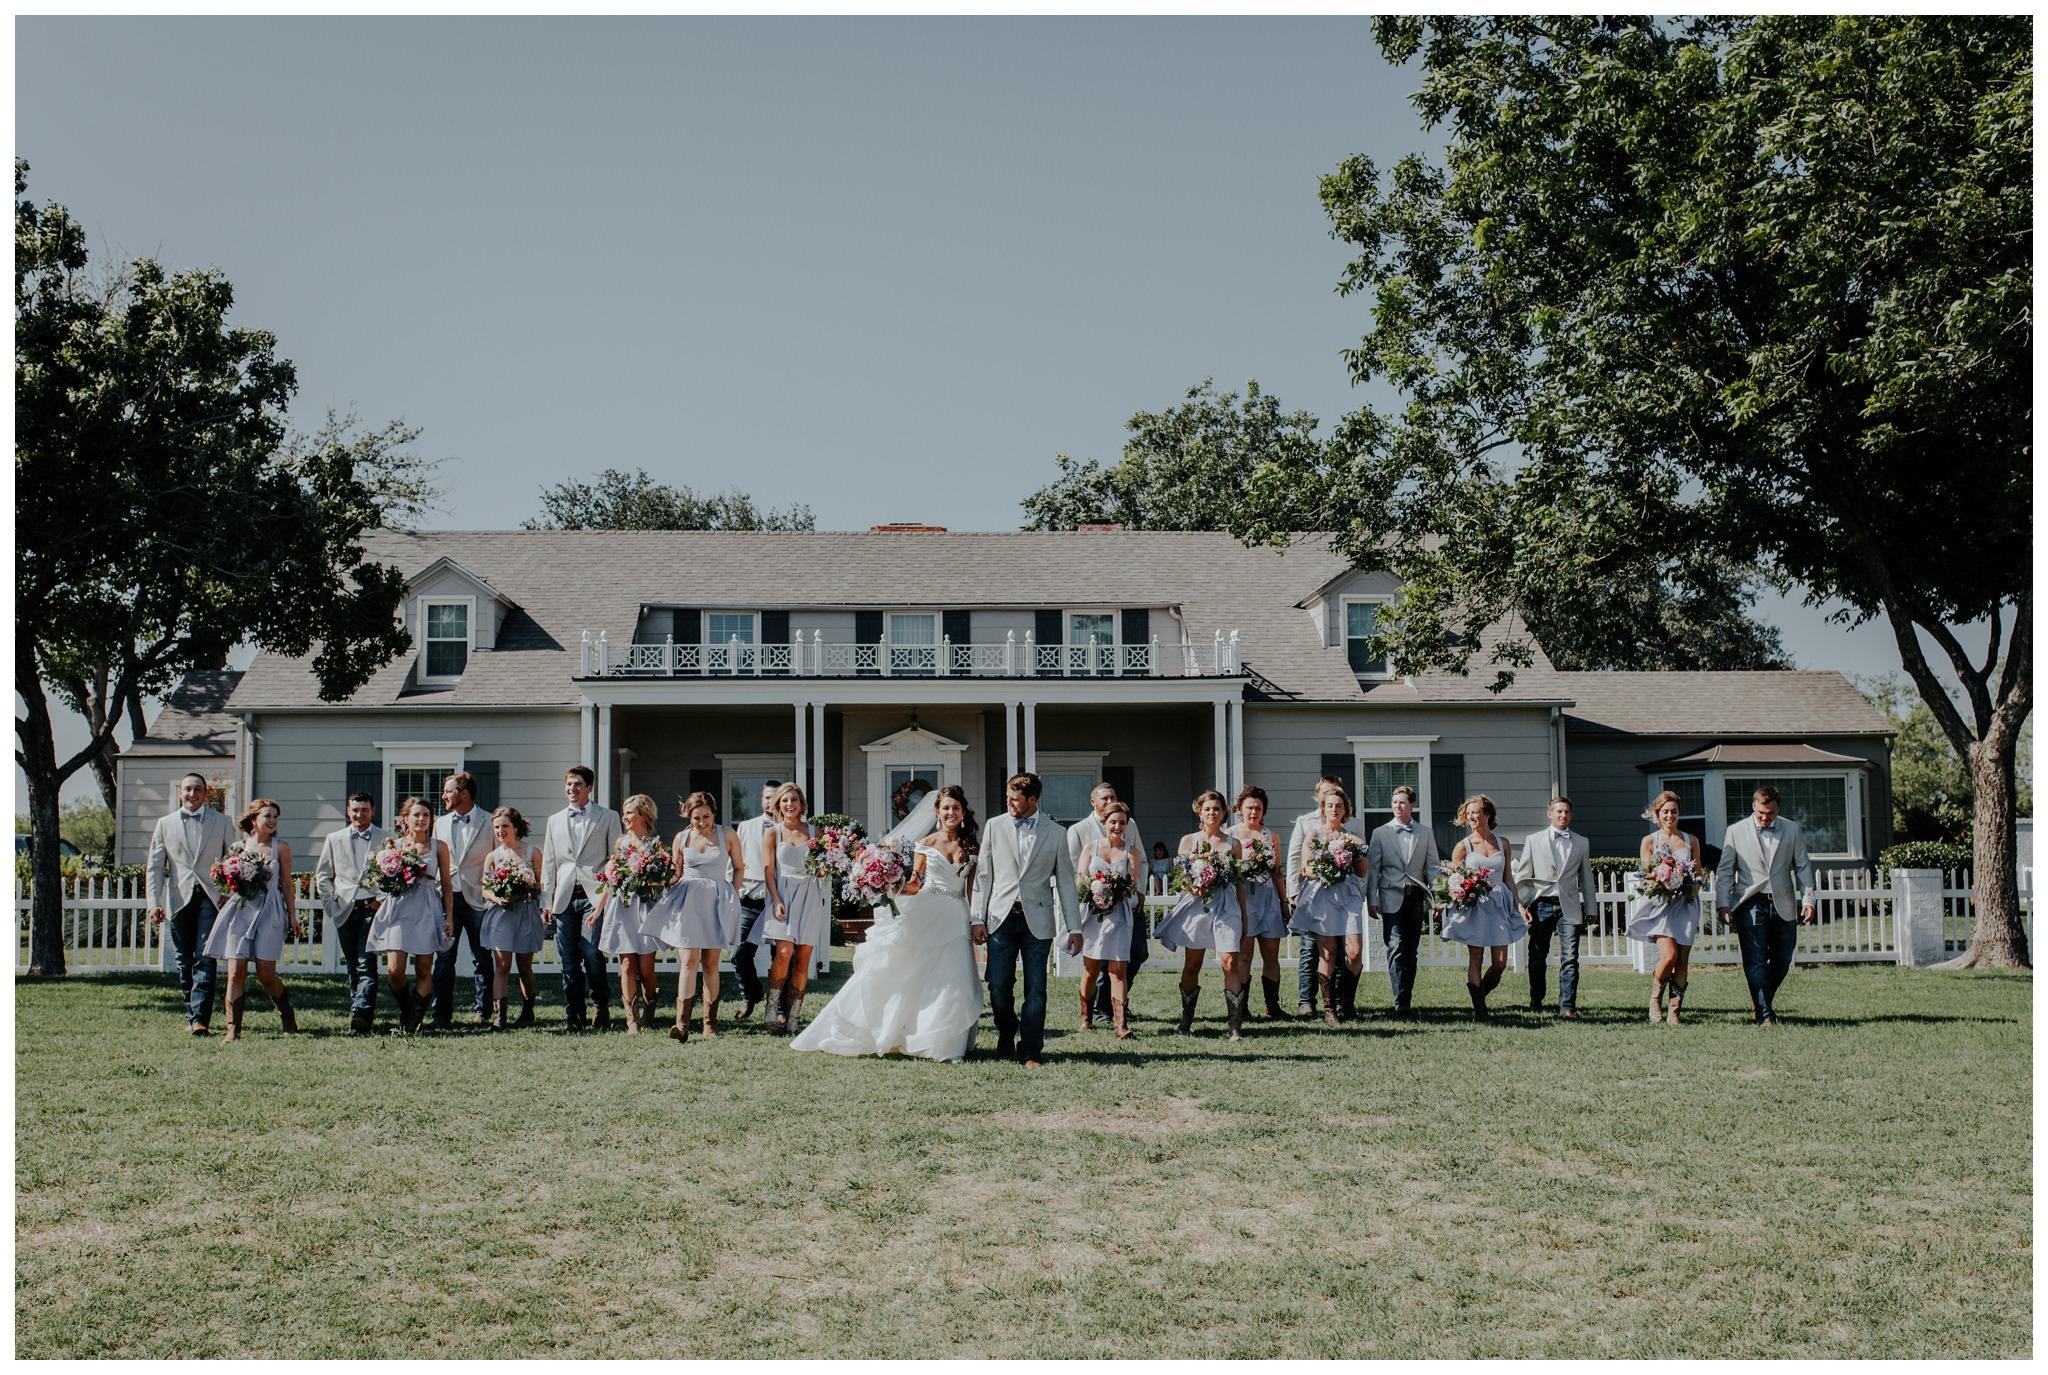 Whimsical Ranch West Texas Wedding - DIY Farm Wedding-7825.jpg